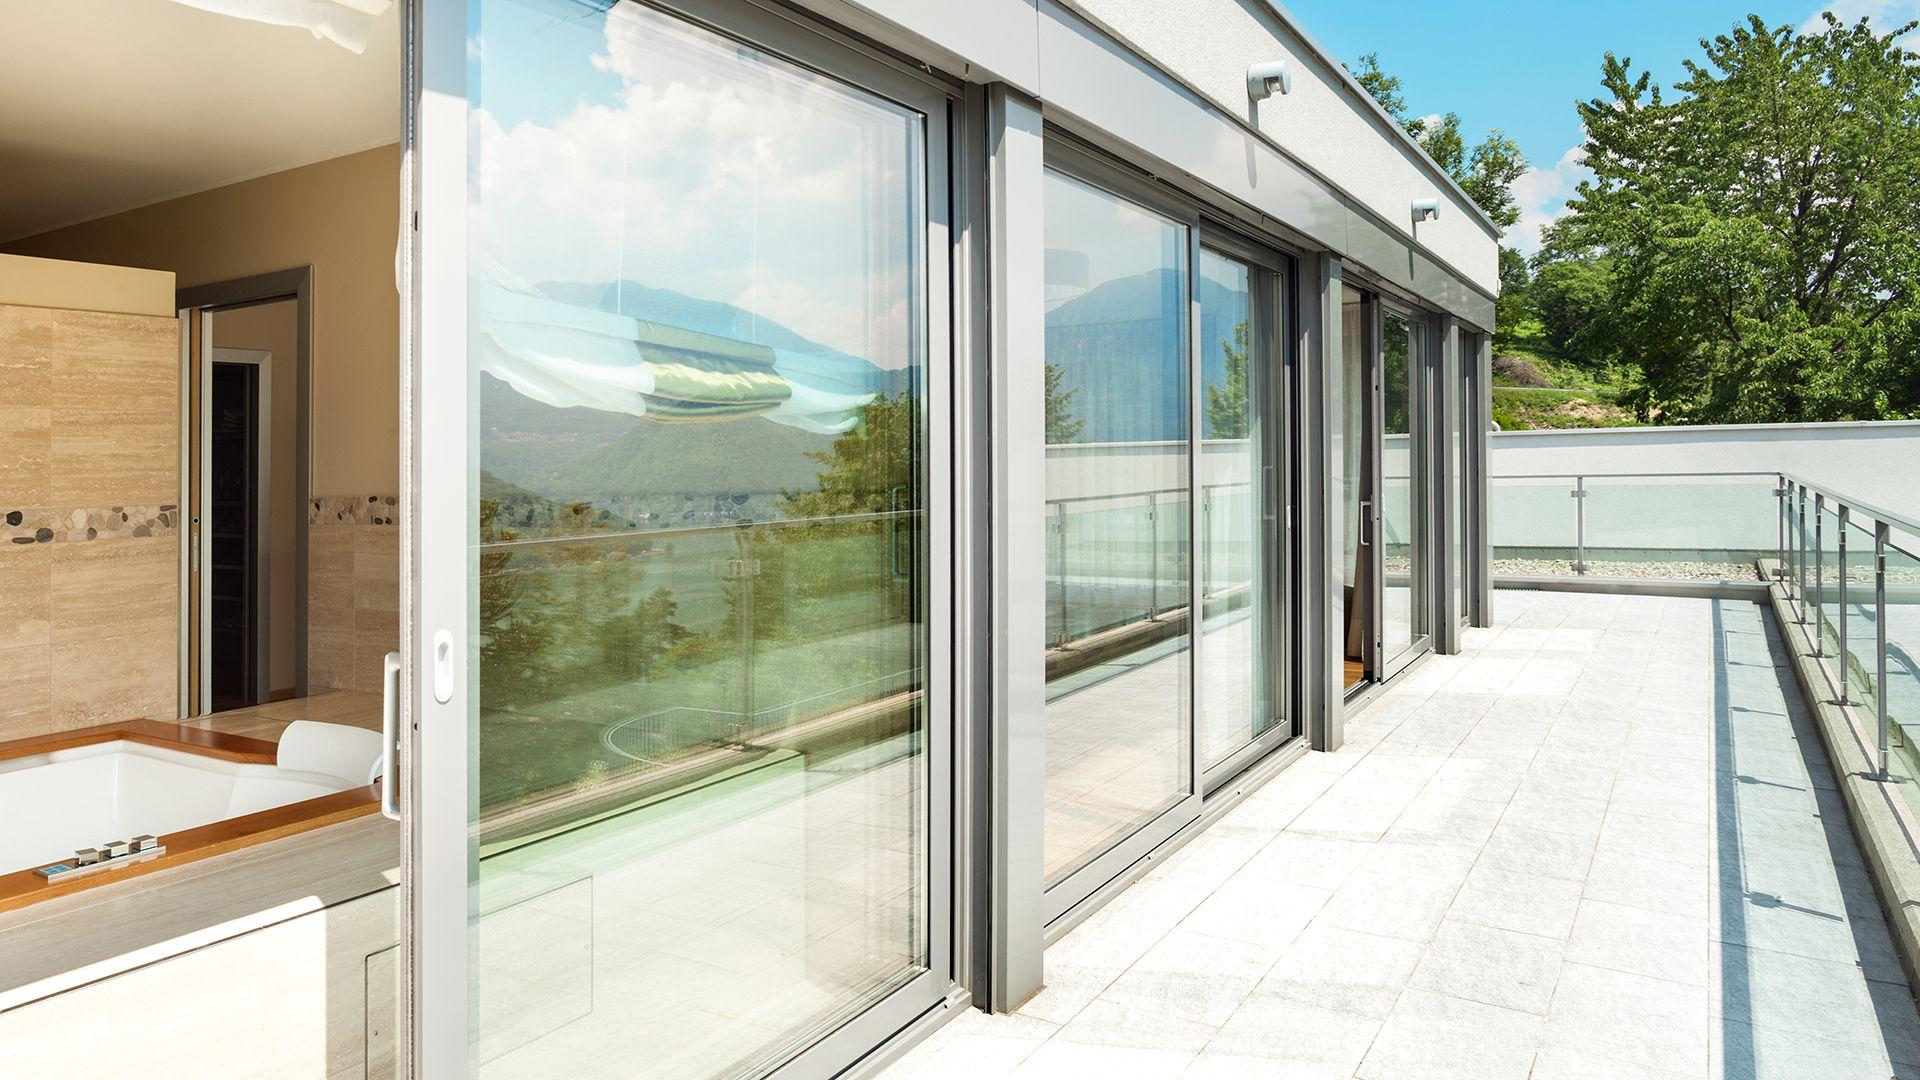 Cerramientos terrazas aluminio Gijón